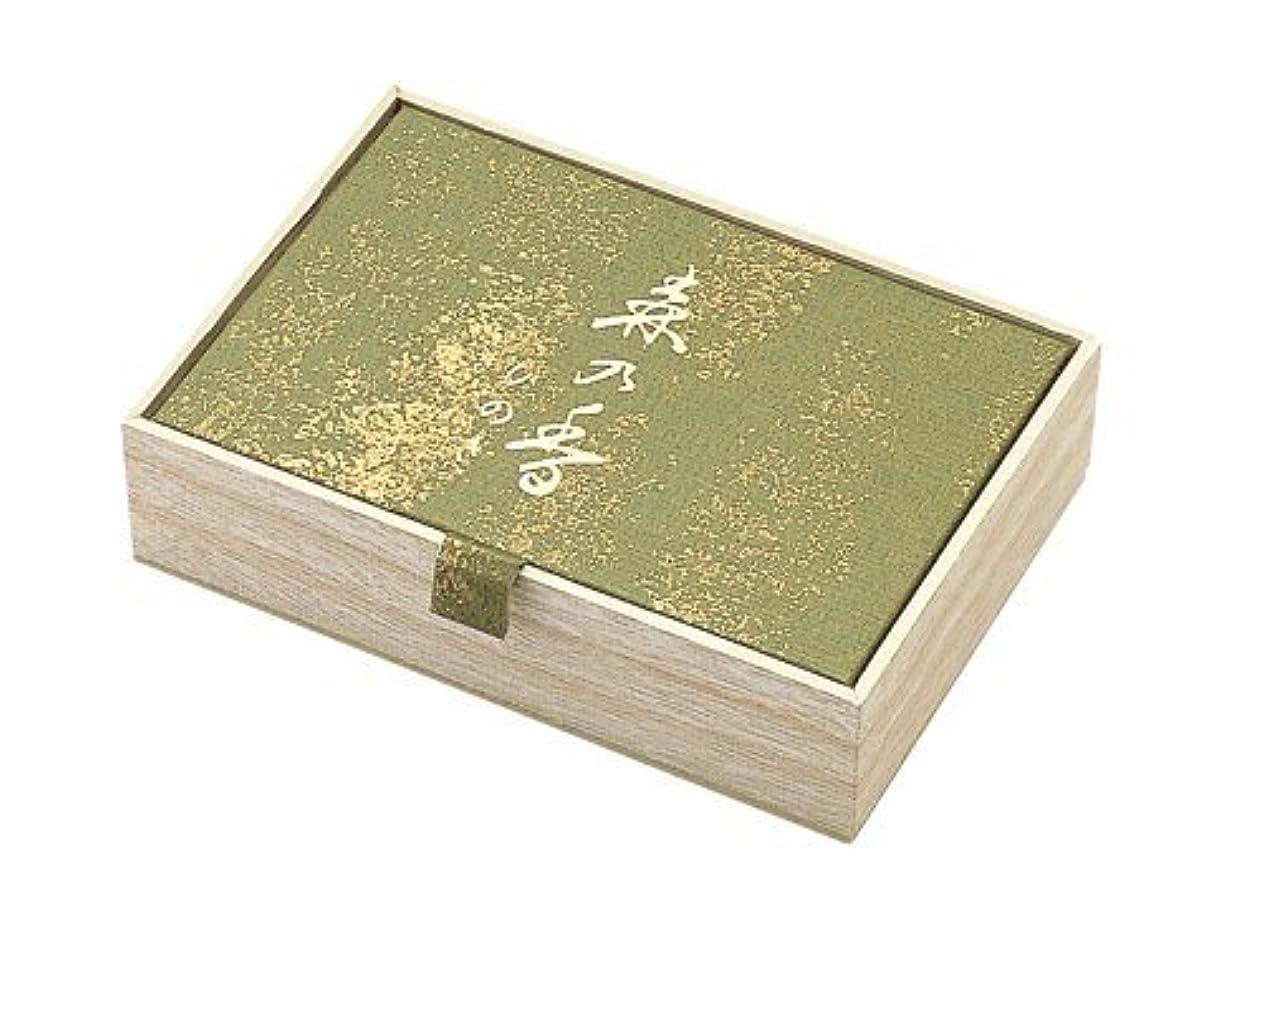 アライアンス空虚彼らは香木の香りのお香 森の香 ひのき スティック150本入